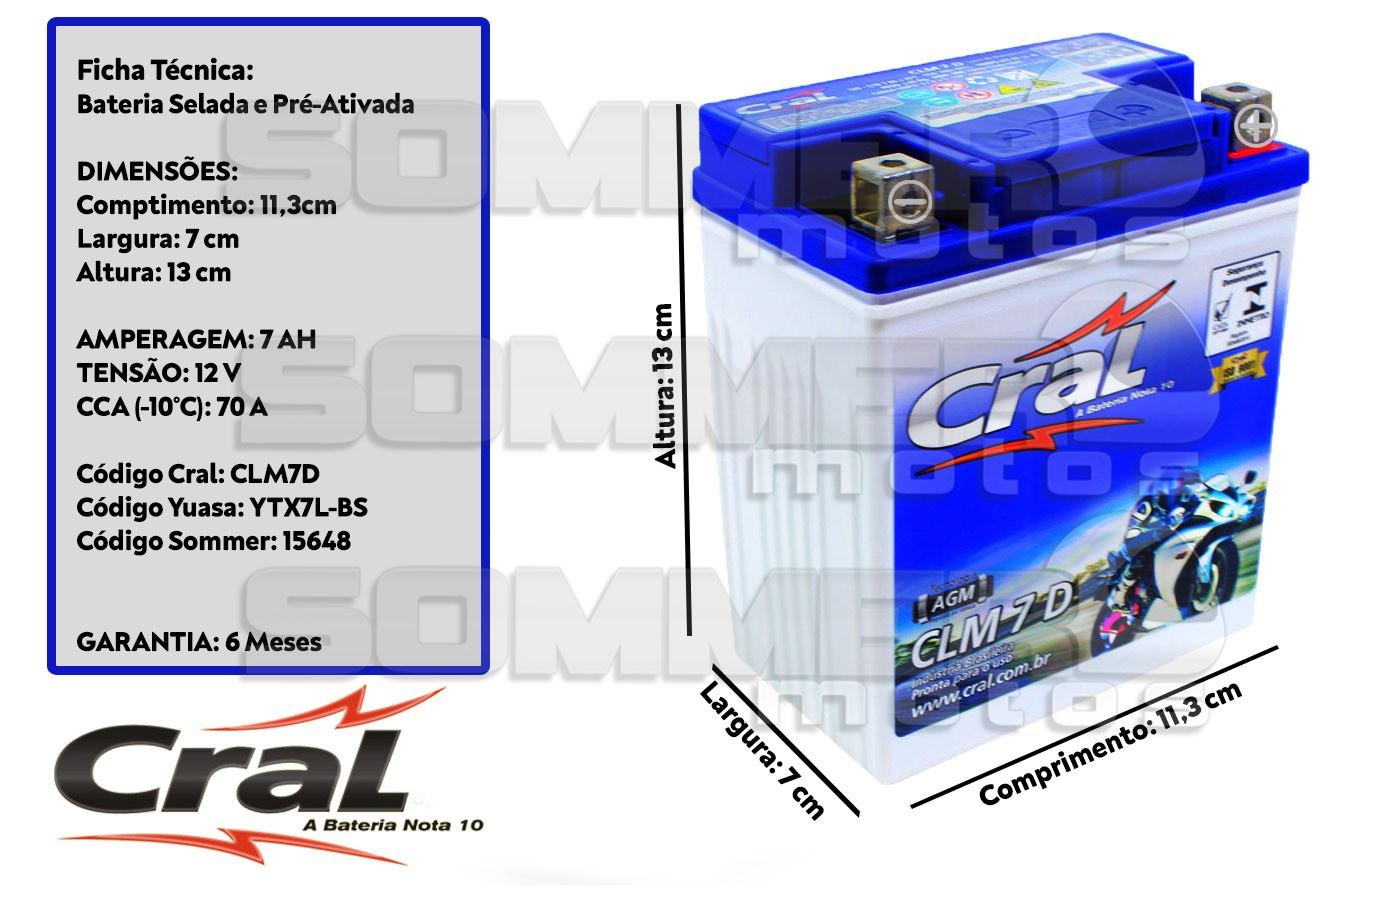 BATERIA KASINSKI FLASH 150/ SETA 125-150/WAY 125/ COMET 150 ORIGINAL CRAL(CLM7D-YTX7L-BS)